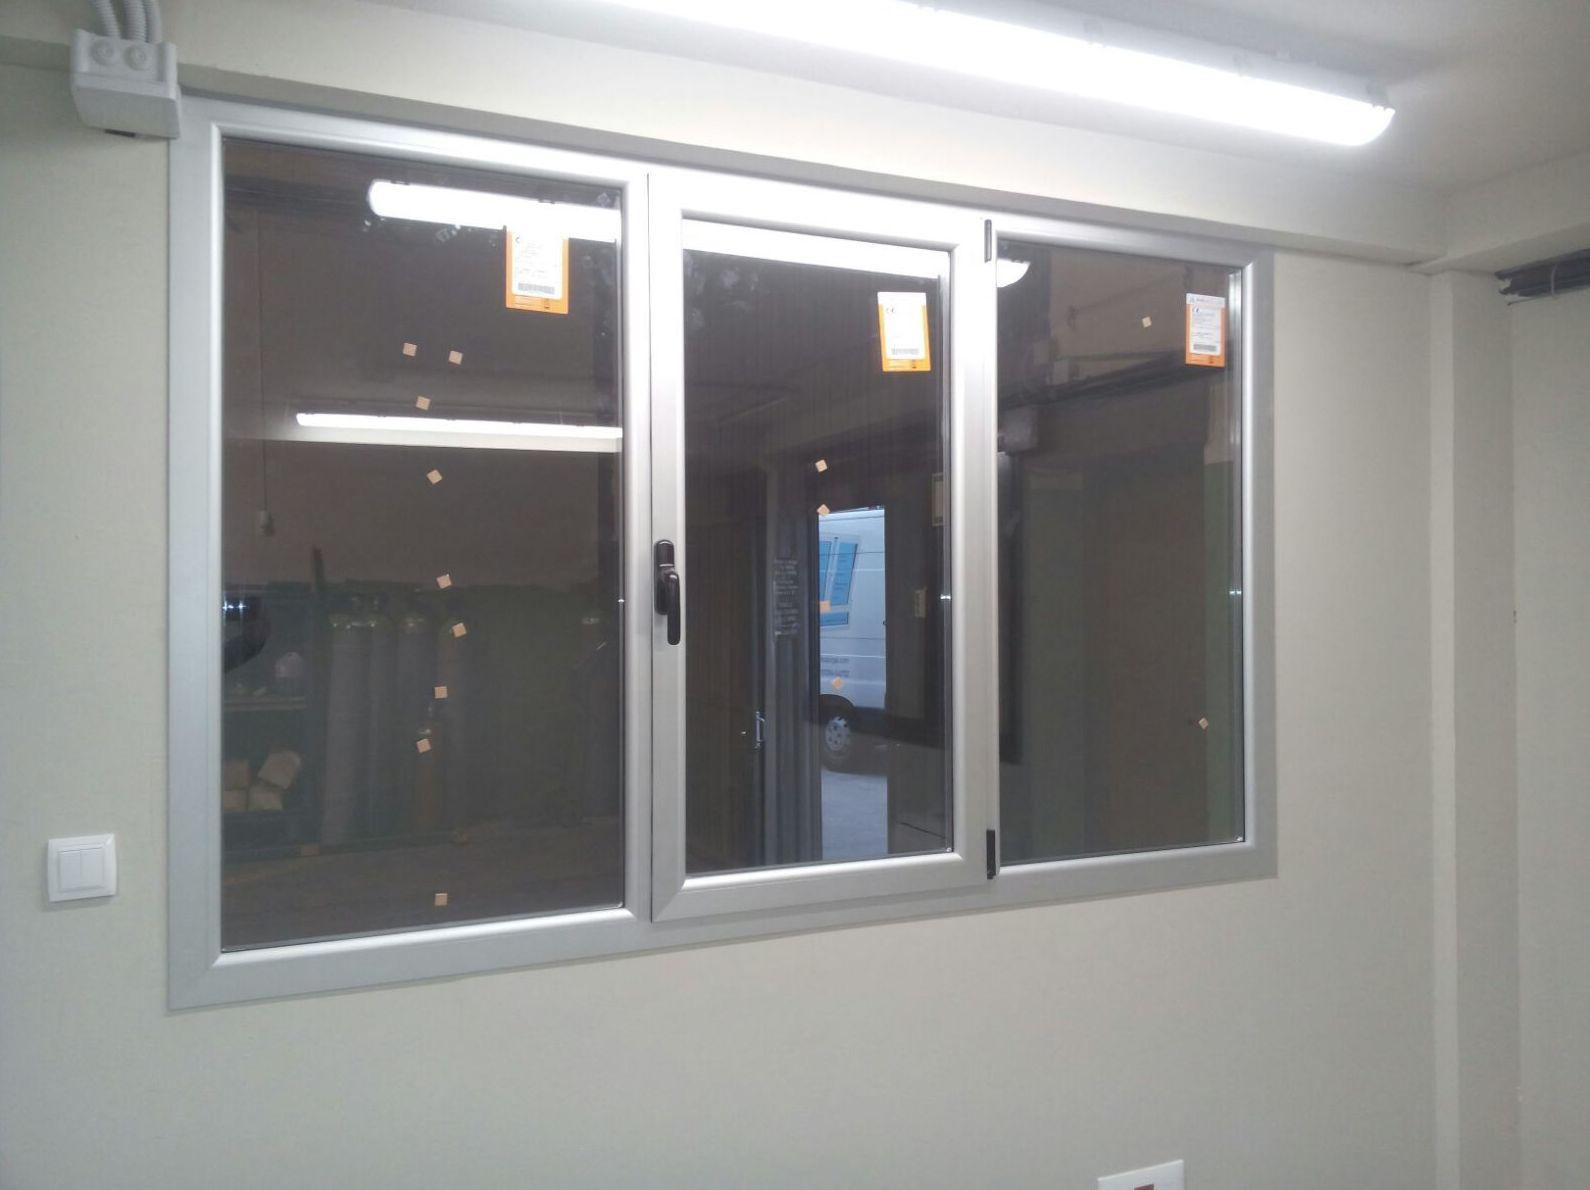 Foto 47 de Carpintería de aluminio, metálica y PVC en Vitoria-Gasteiz | Zurgal Aluminios, S.L.